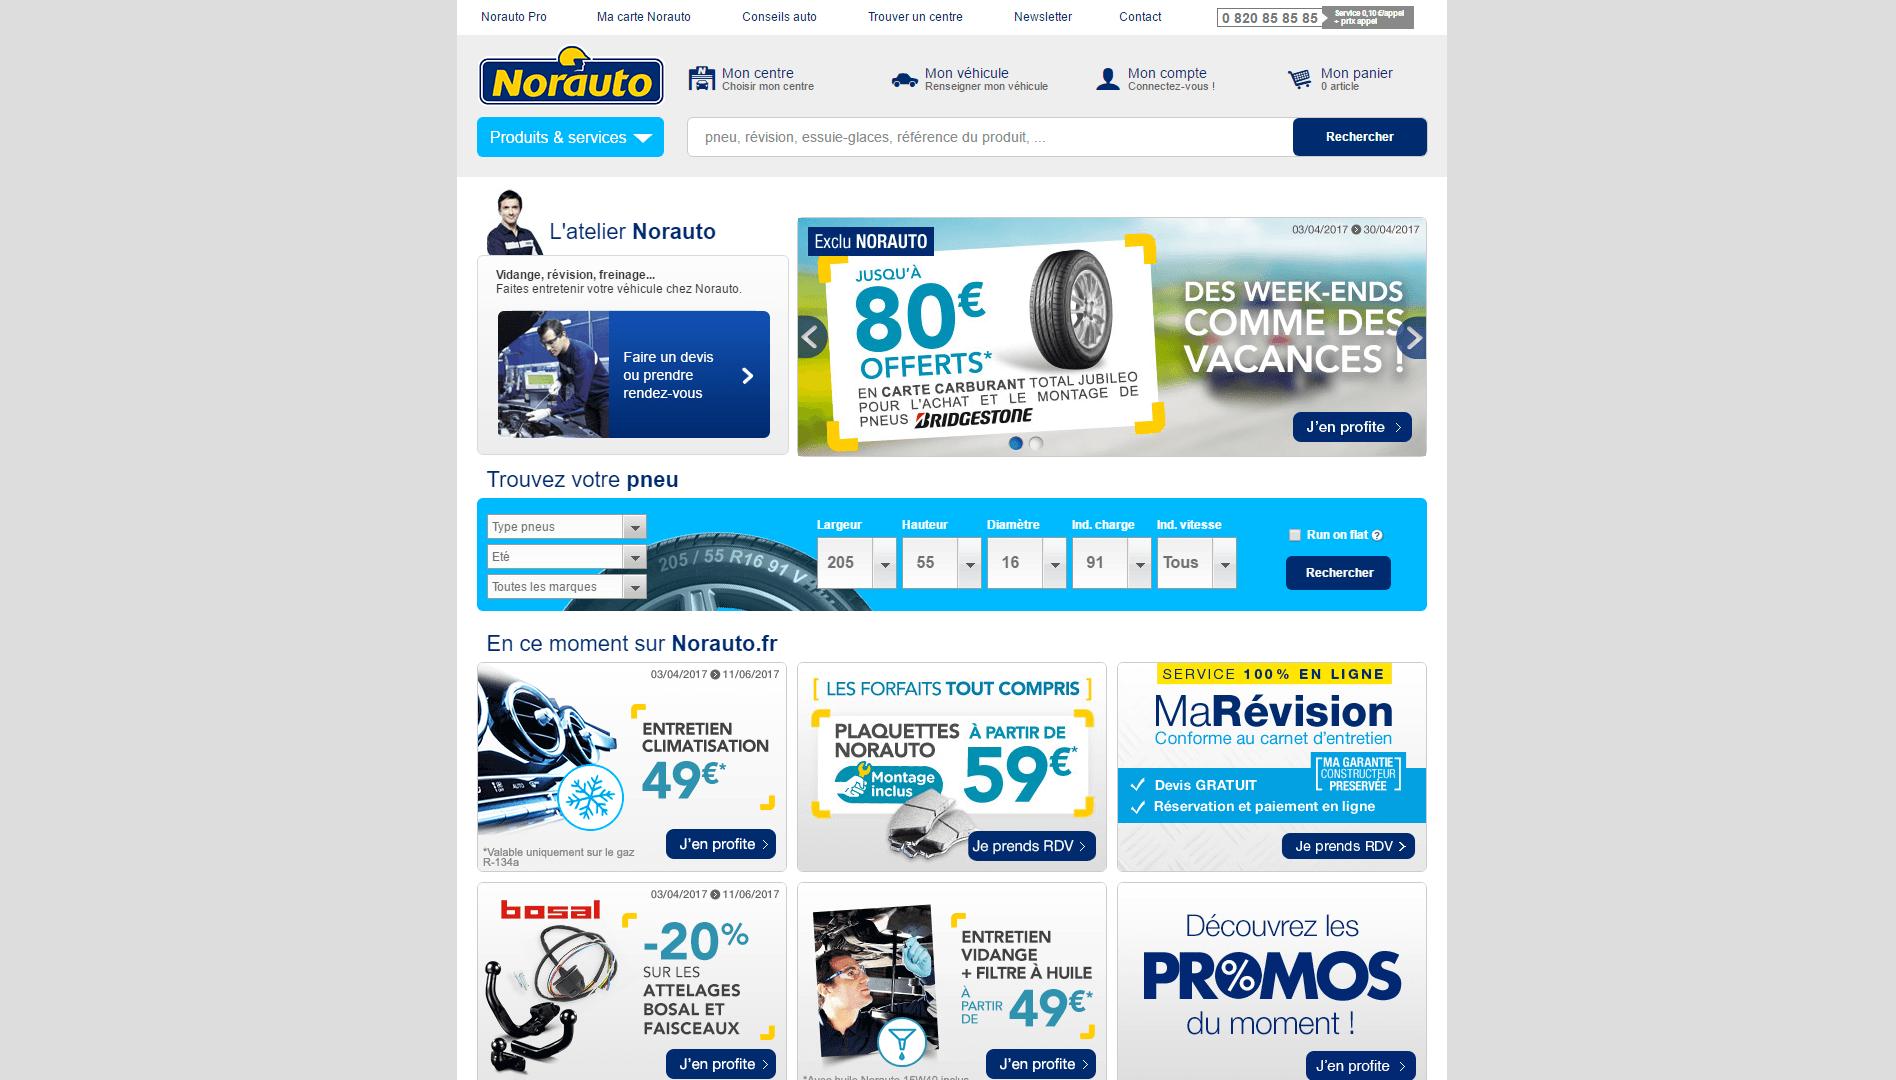 Page d'accueil du site Norauto.